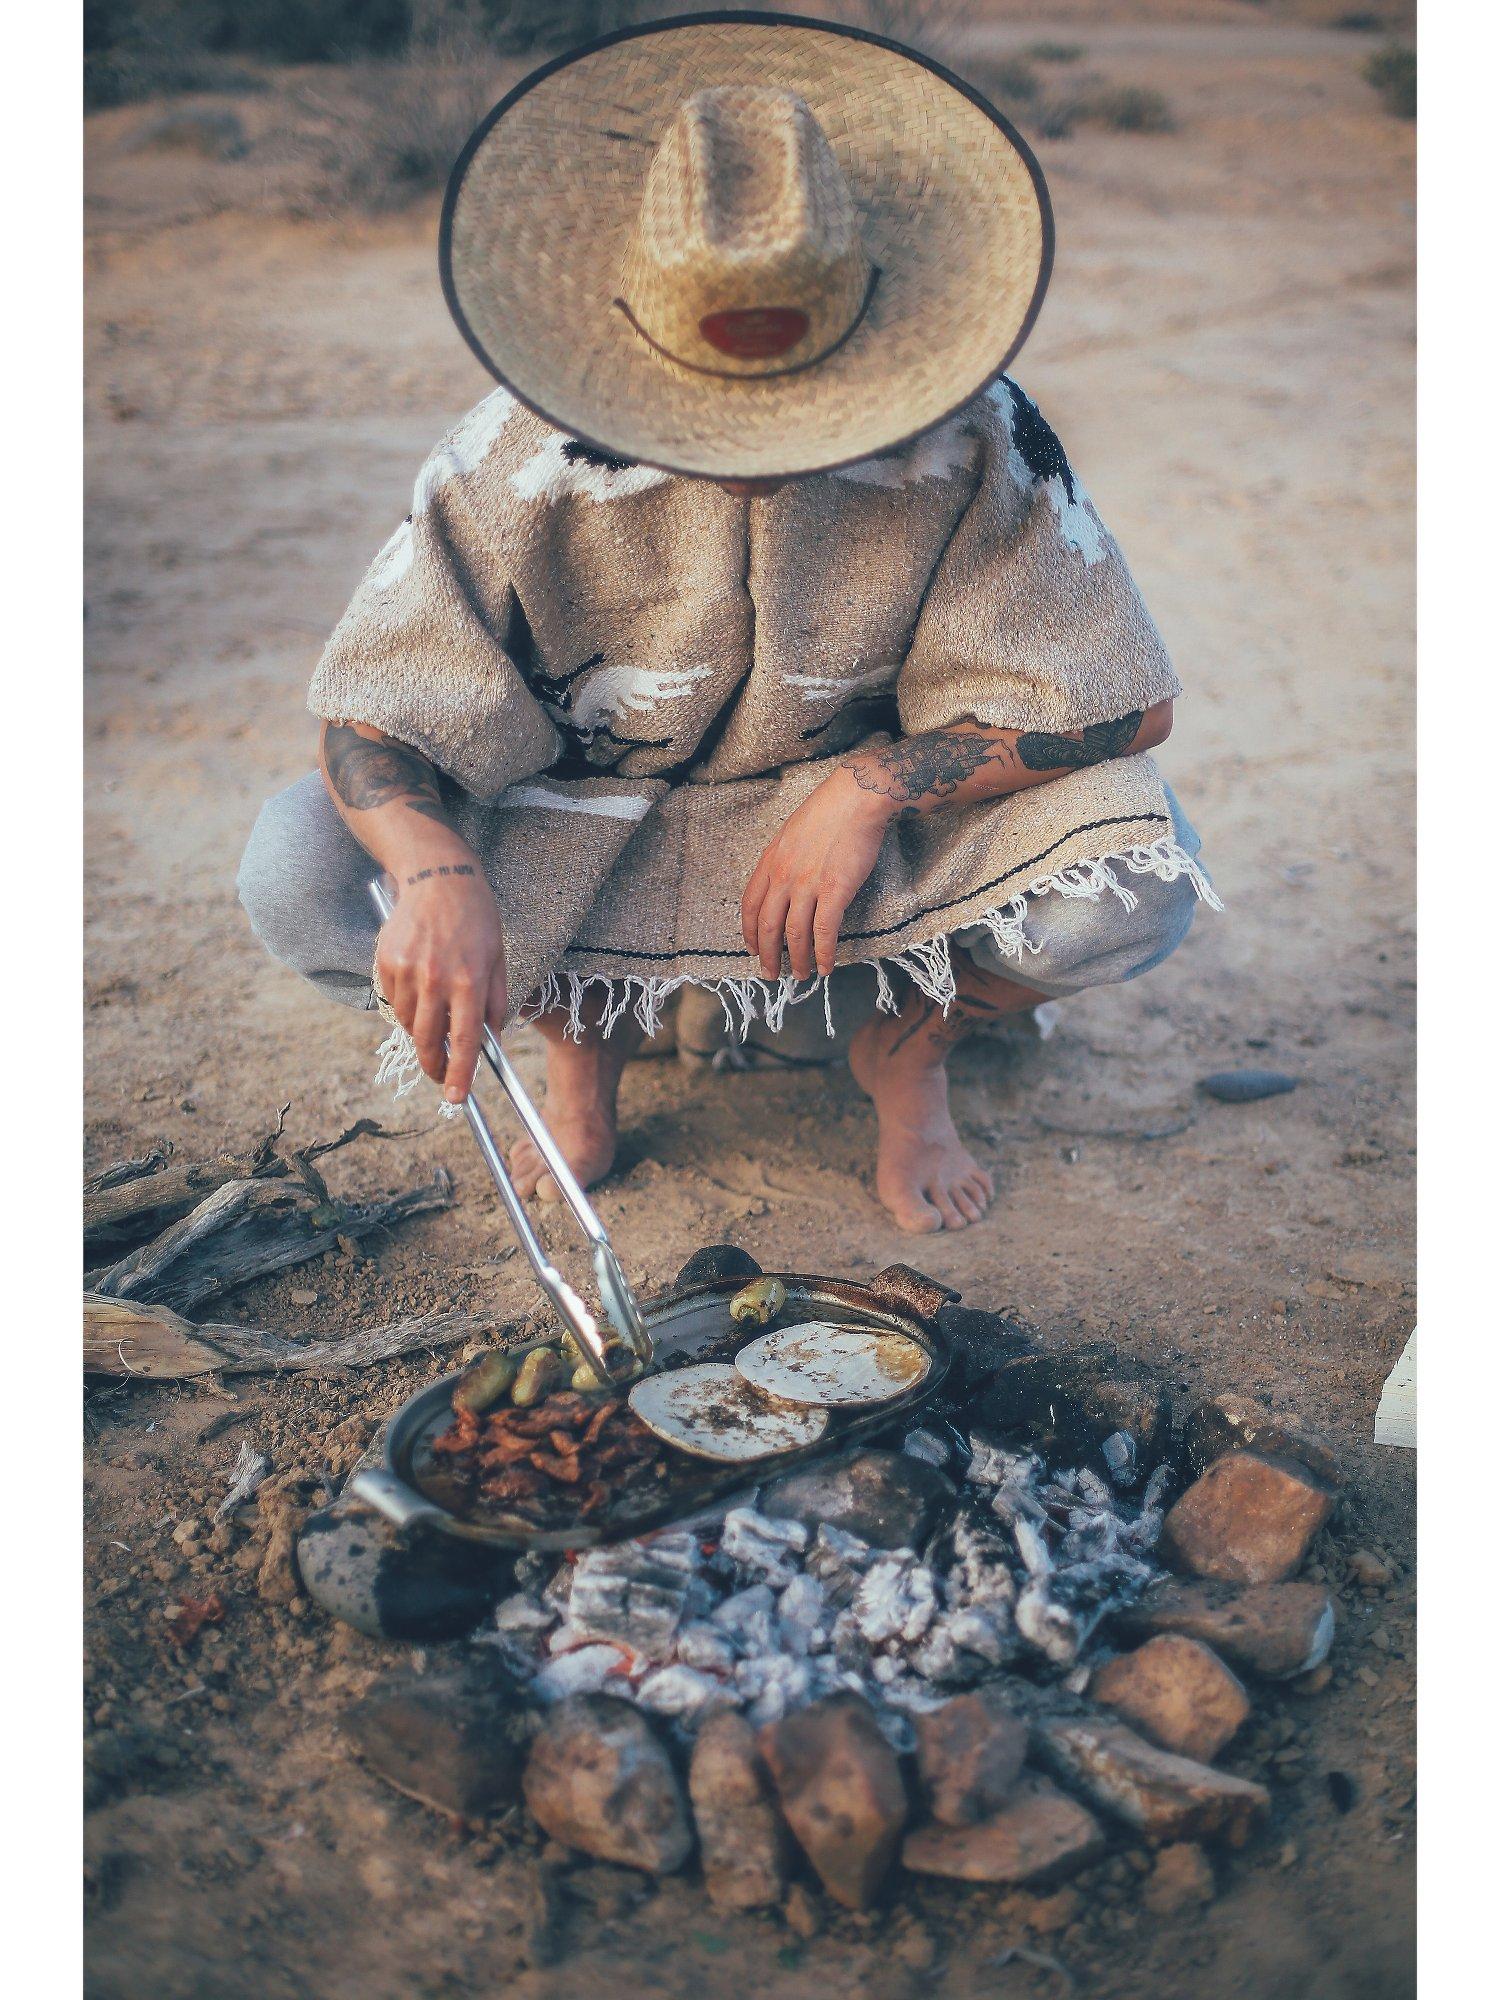 """Über 80 mexikanische Rezepte warten in """"Tacos. Tequila & Tattoos"""" auf euch –ihr müsst sie nur noch an eurer eigenen Feuerstelle nachkochen."""